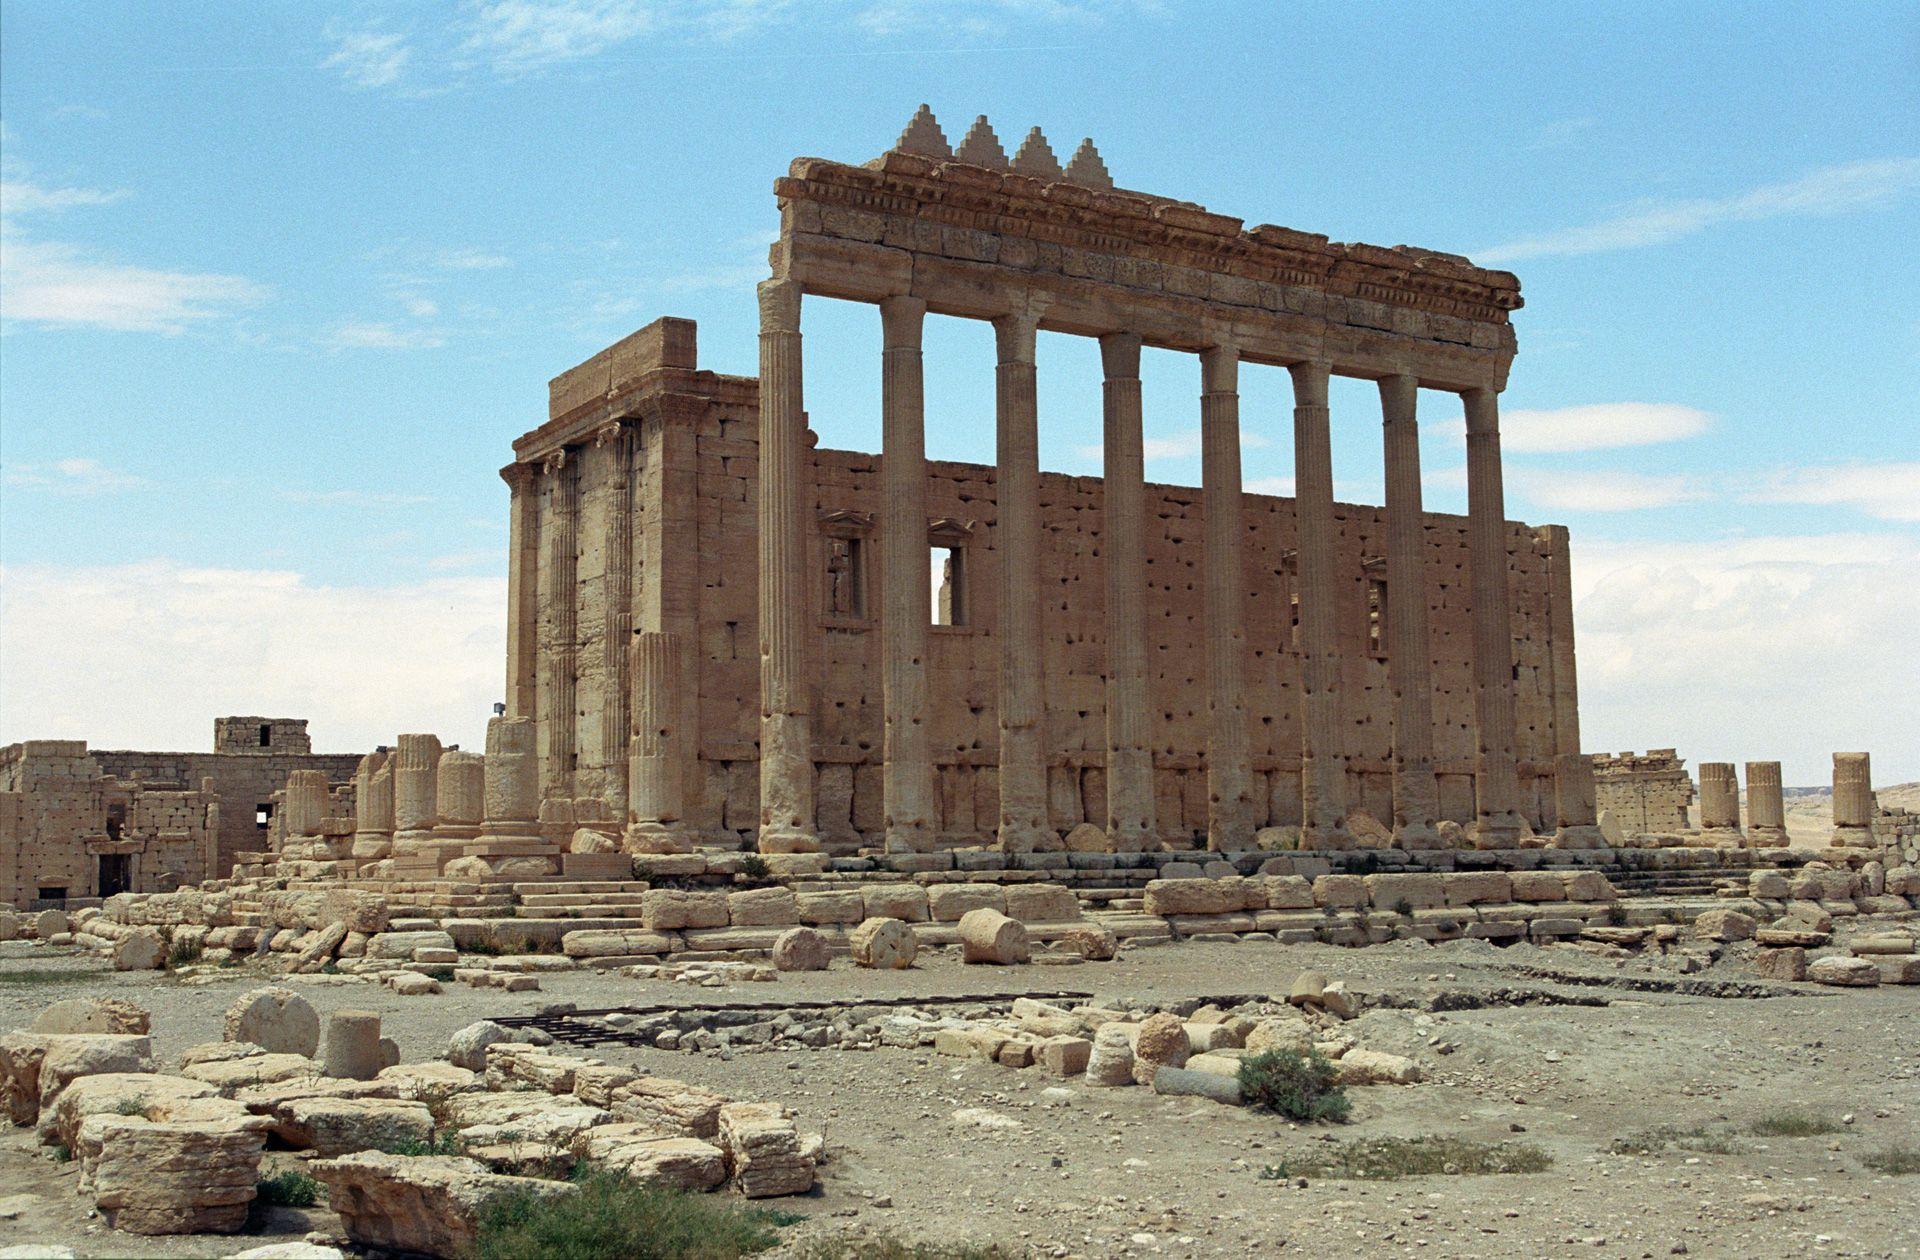 Les combattants de l'Etat islamique se sont emparés de la cité antique de Palmyre le 21 mai 2015.